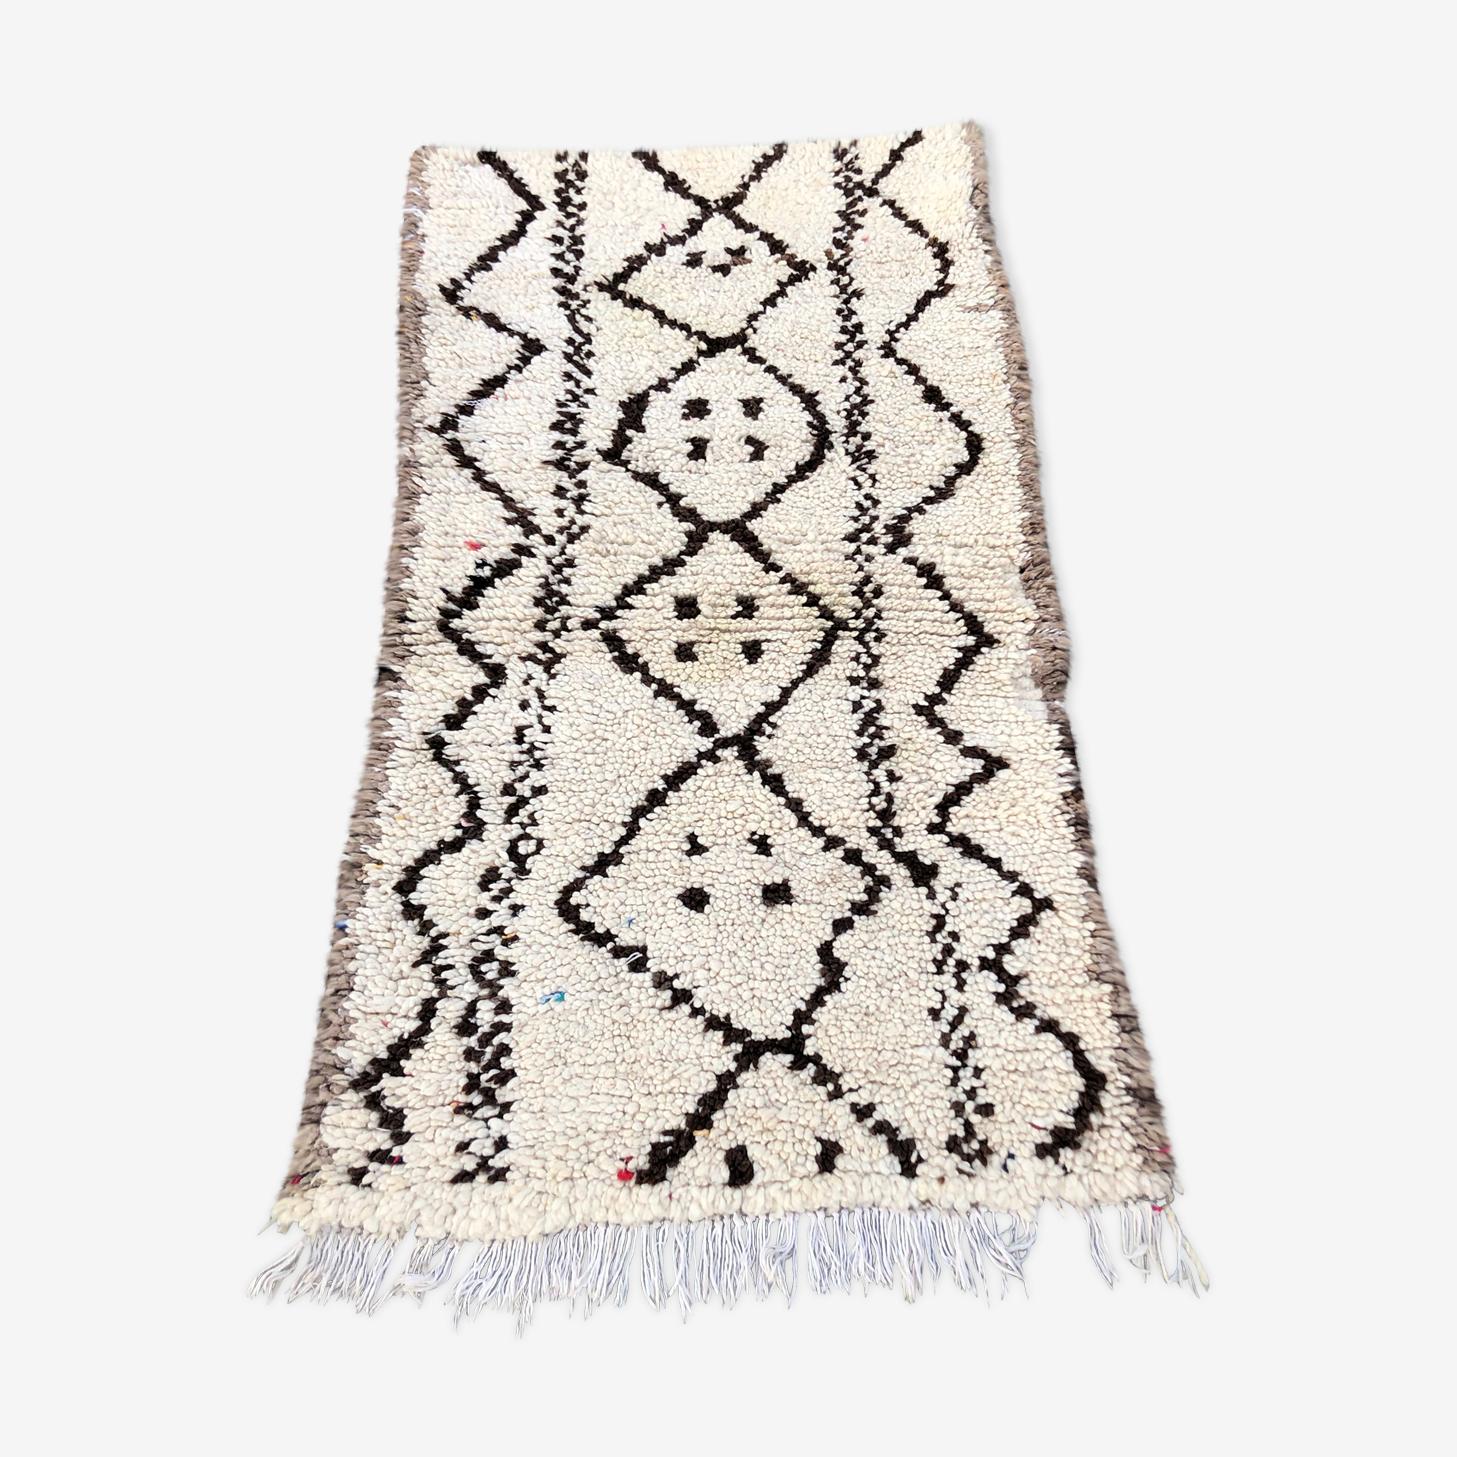 Berber beni ouarain 180 x 95 cm